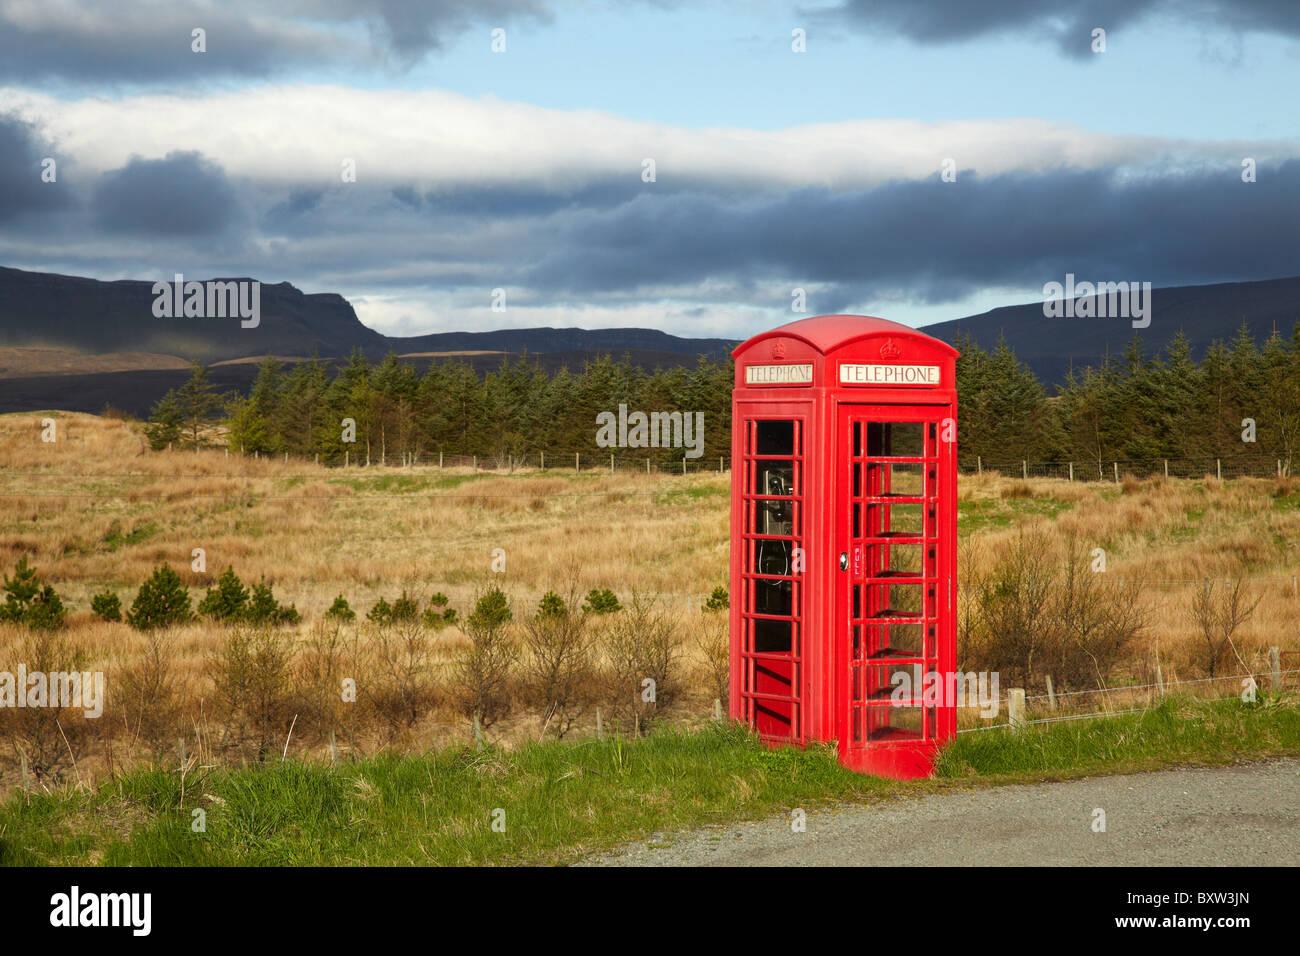 Public Phone Box, Ellishadder, near Staffin, Trotternish Peninsula, Isle of Skye, Scotland, United Kingdom - Stock Image